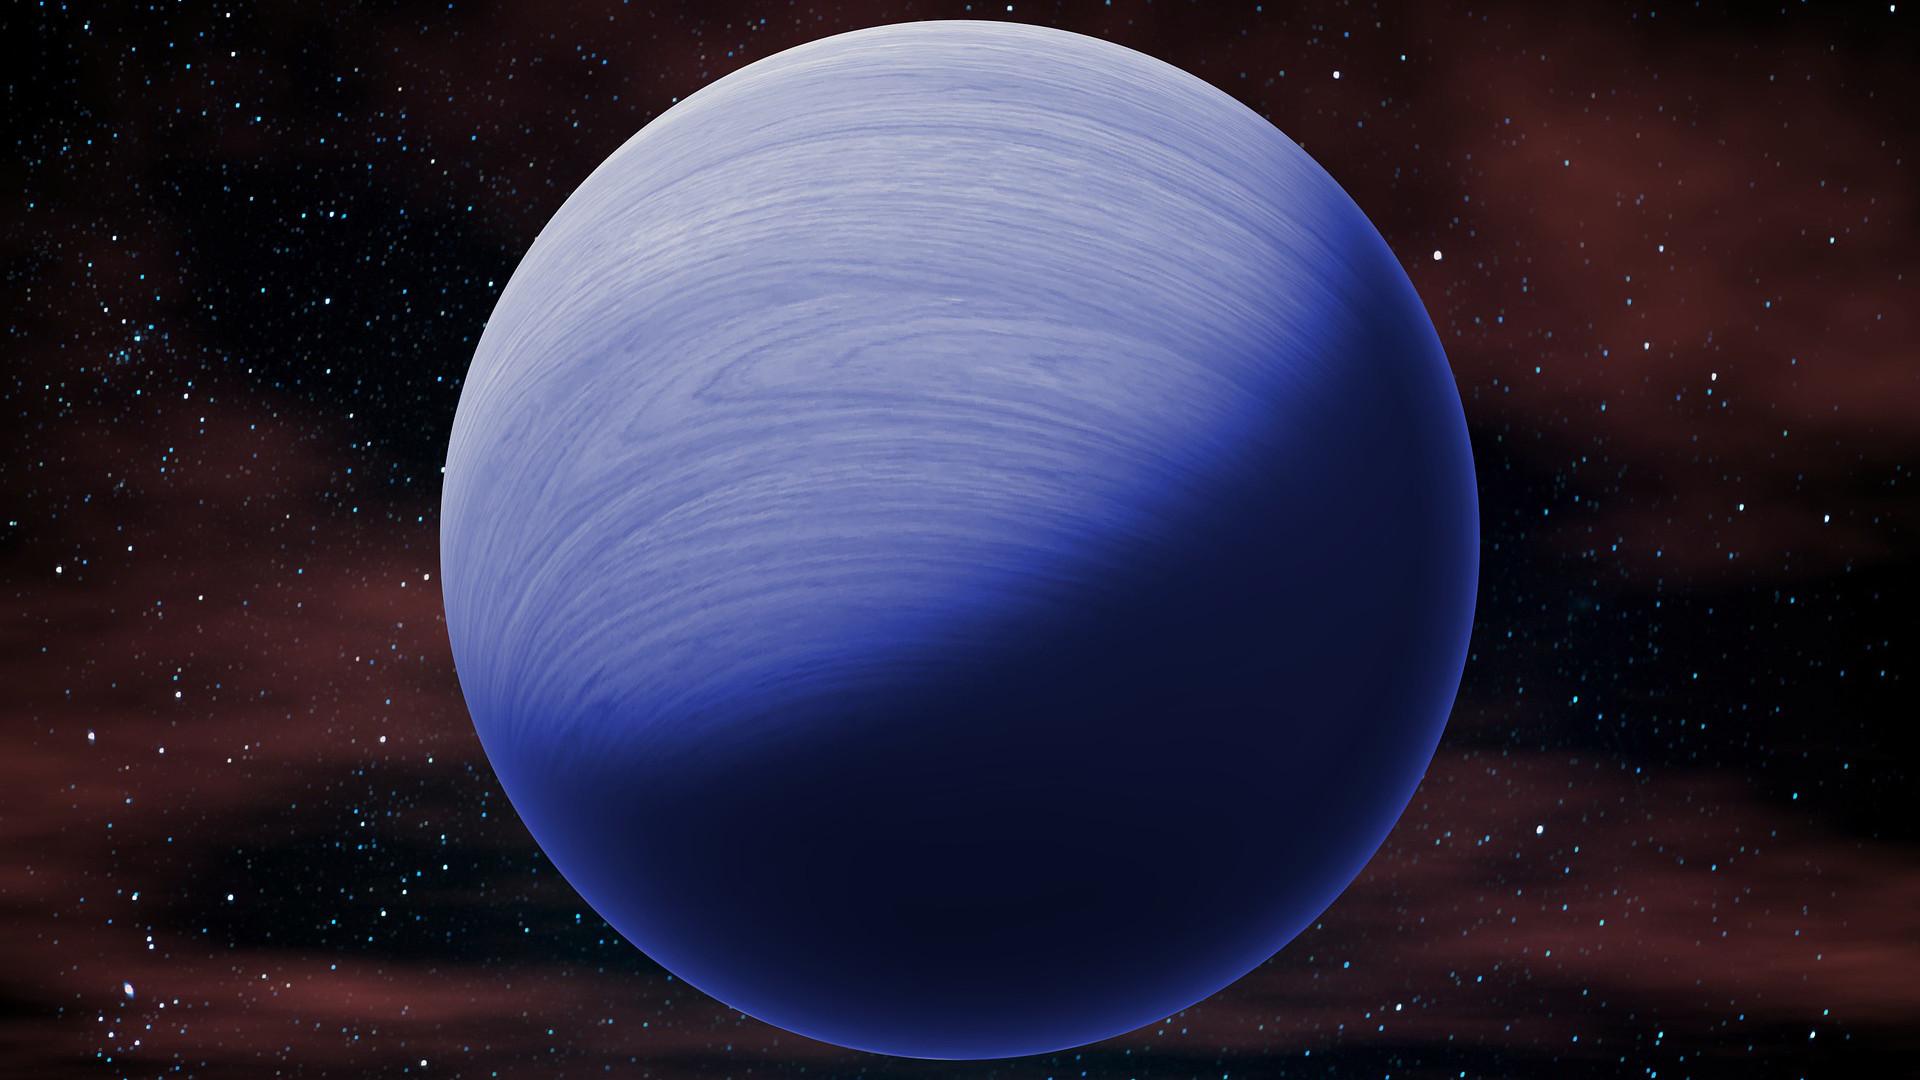 L'hypothèse de la Planète 9 est-elle complètement écartée ? - Numerama